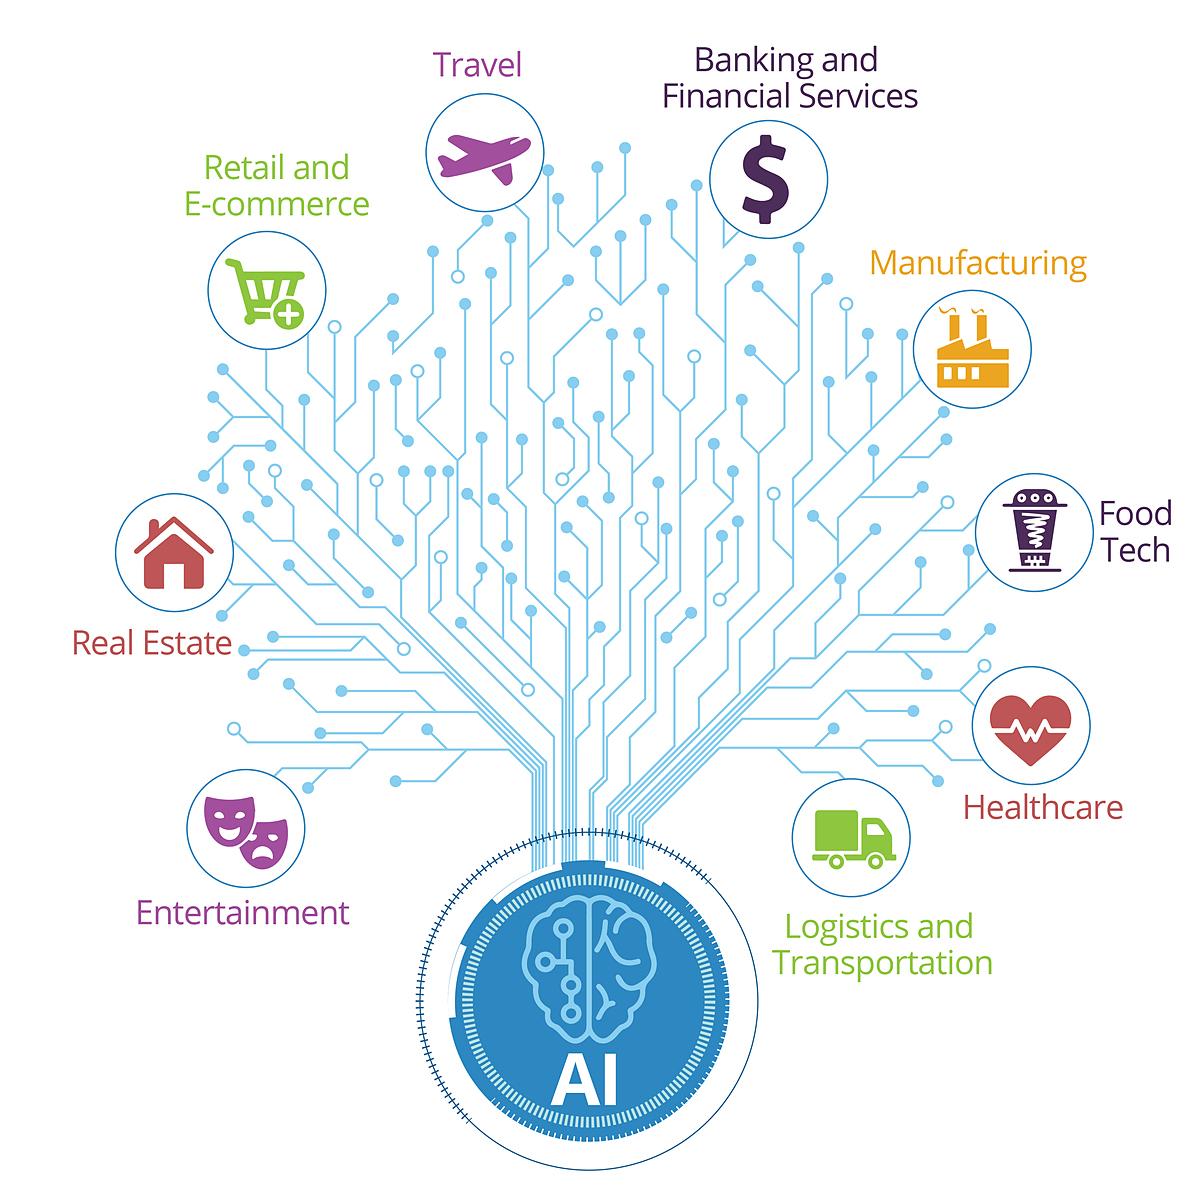 Ứng dụng AI nở rộ trong nhiềungành công nghiệp